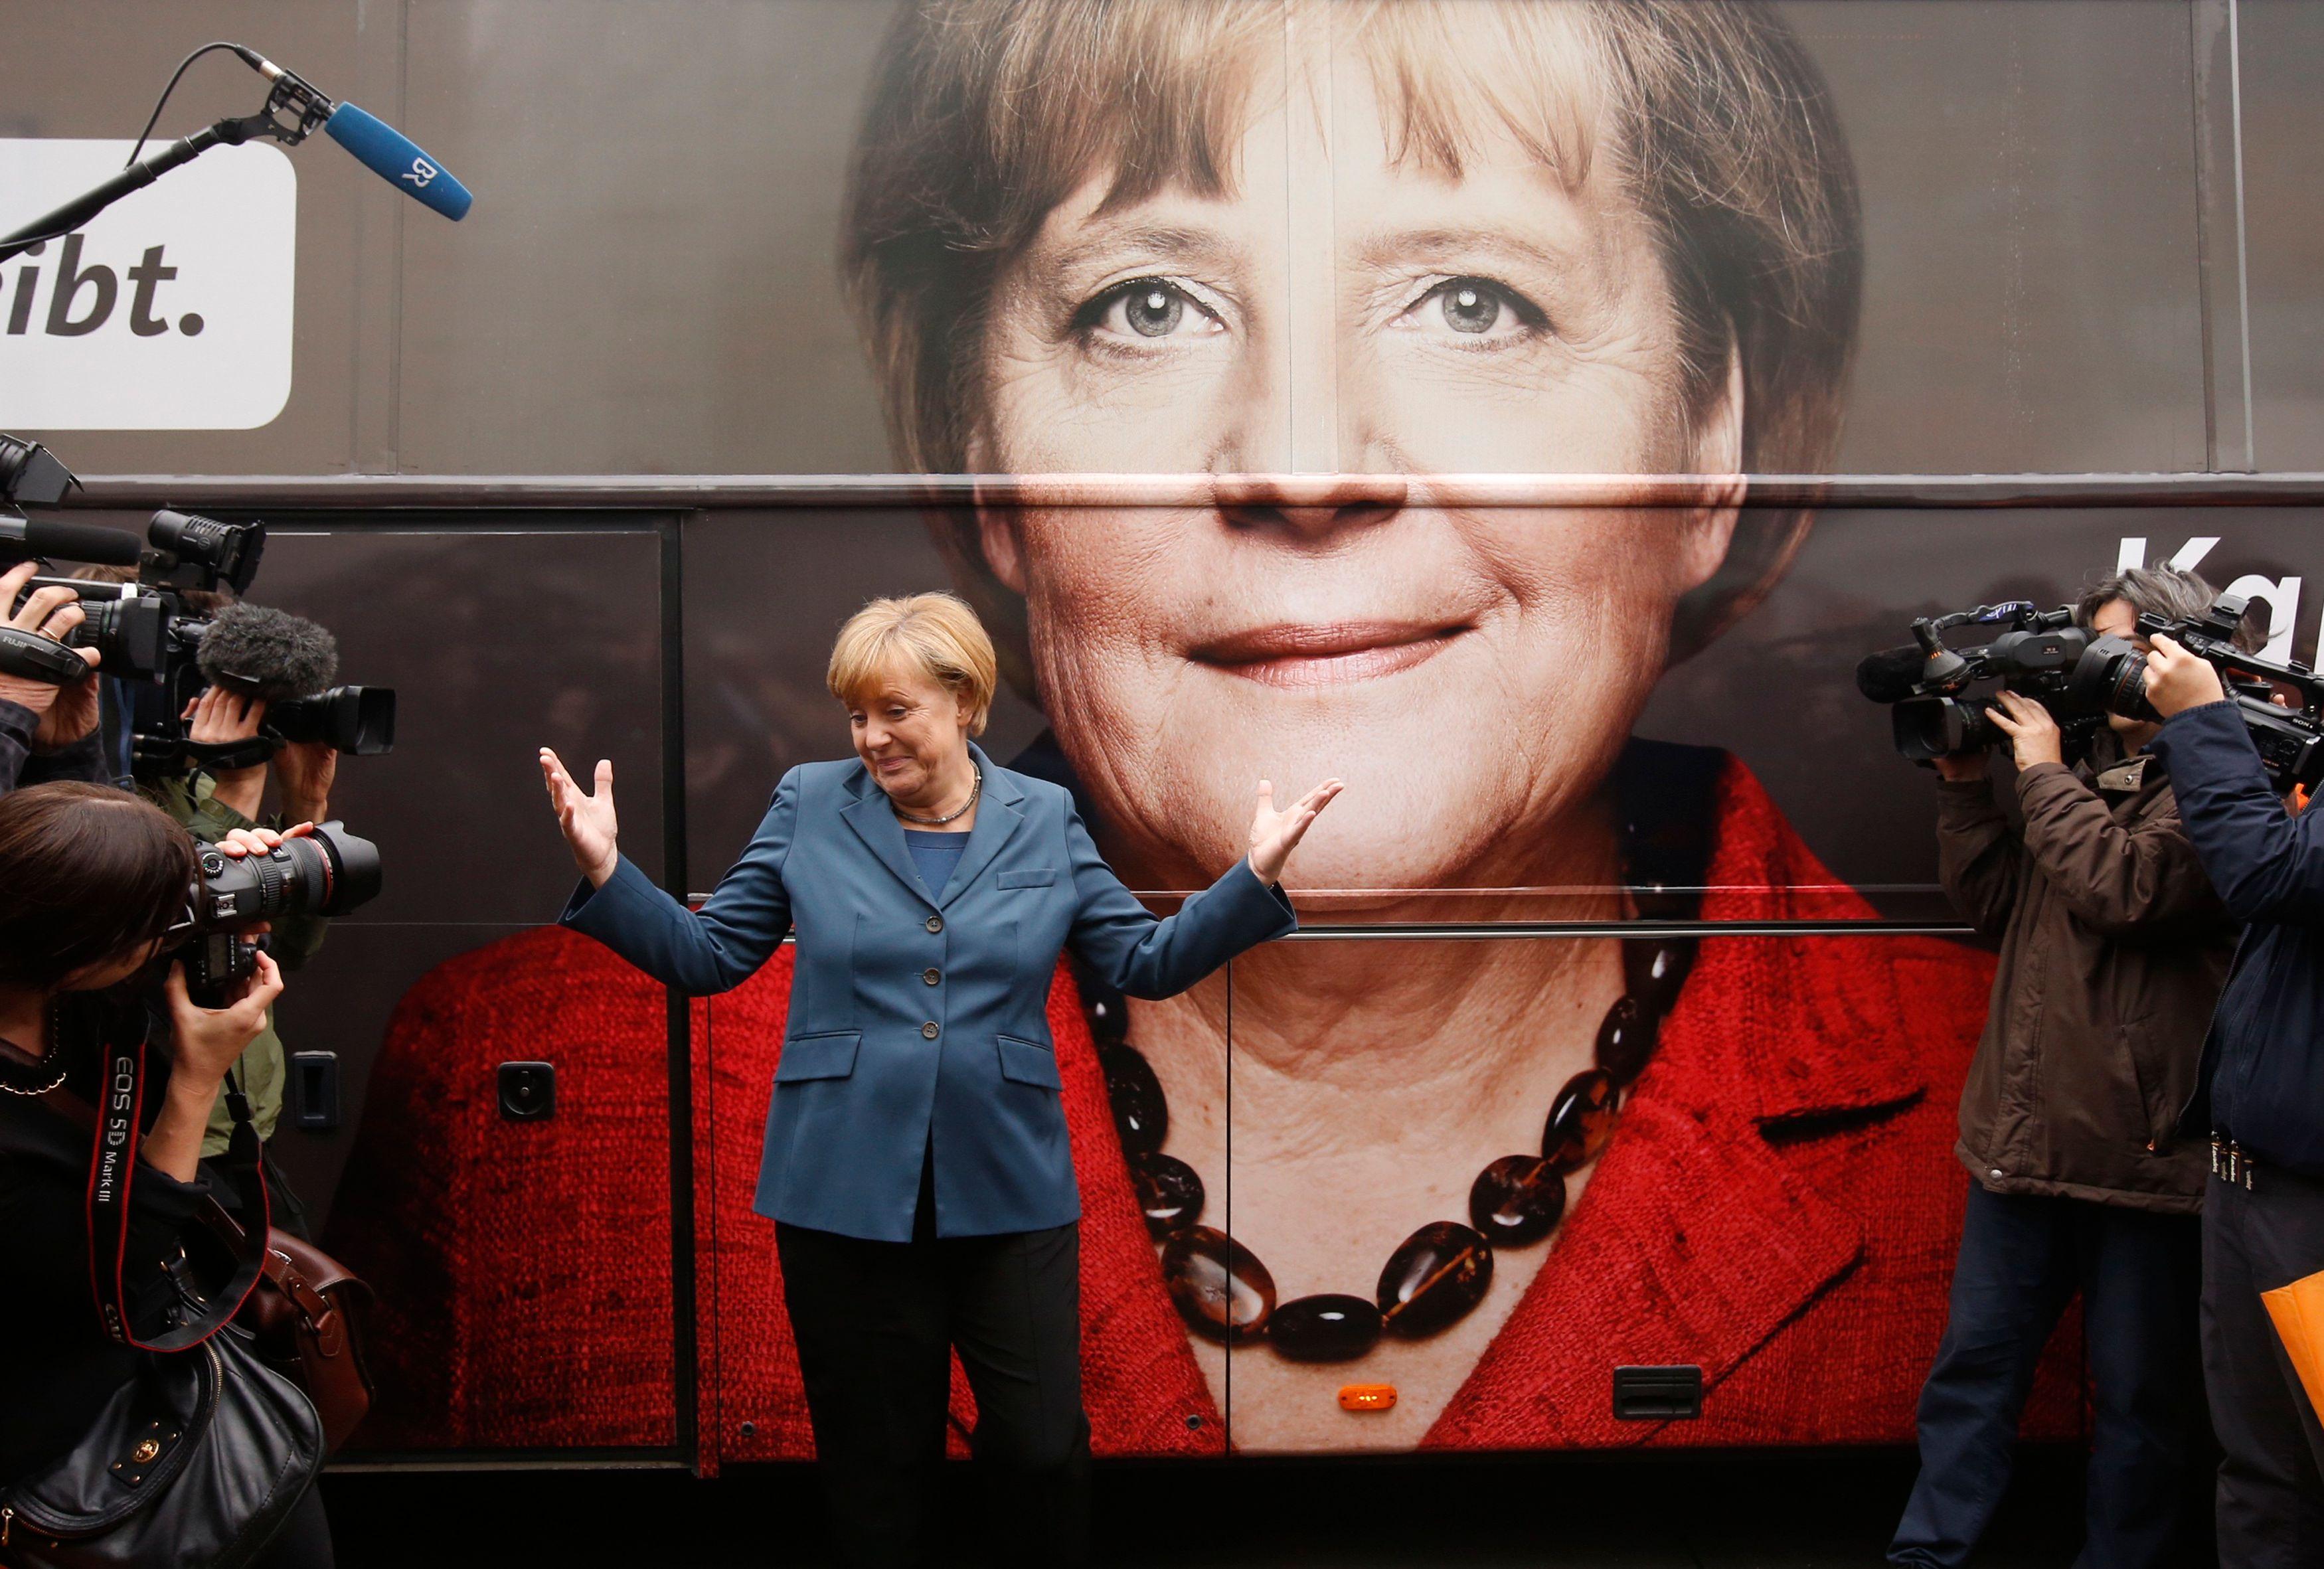 Non au mariage homosexuel, non à Uber, non au capitalisme financier… : l'Allemagne est-elle en train d'inventer le nouveau visage de l'Europe ?